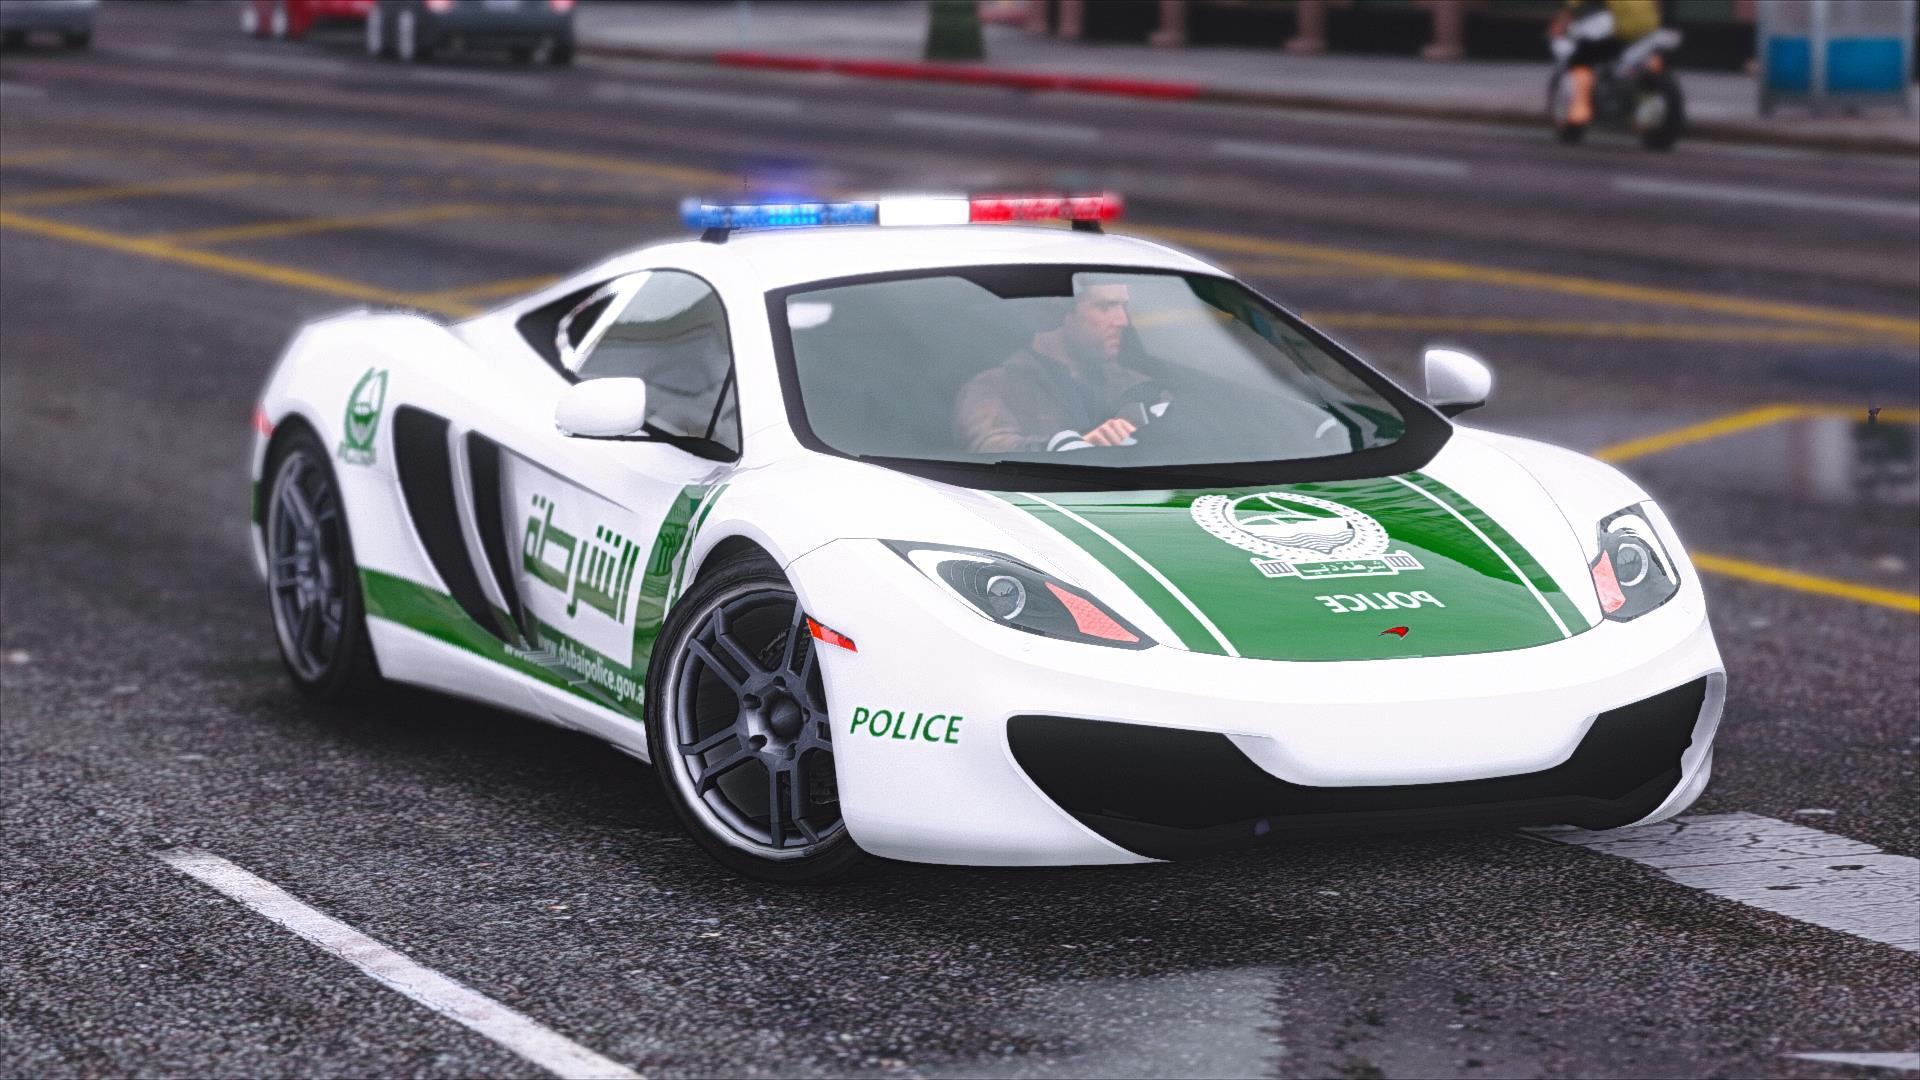 Mclaren Mp4 12c Dubai Police Gta5 Mods Com